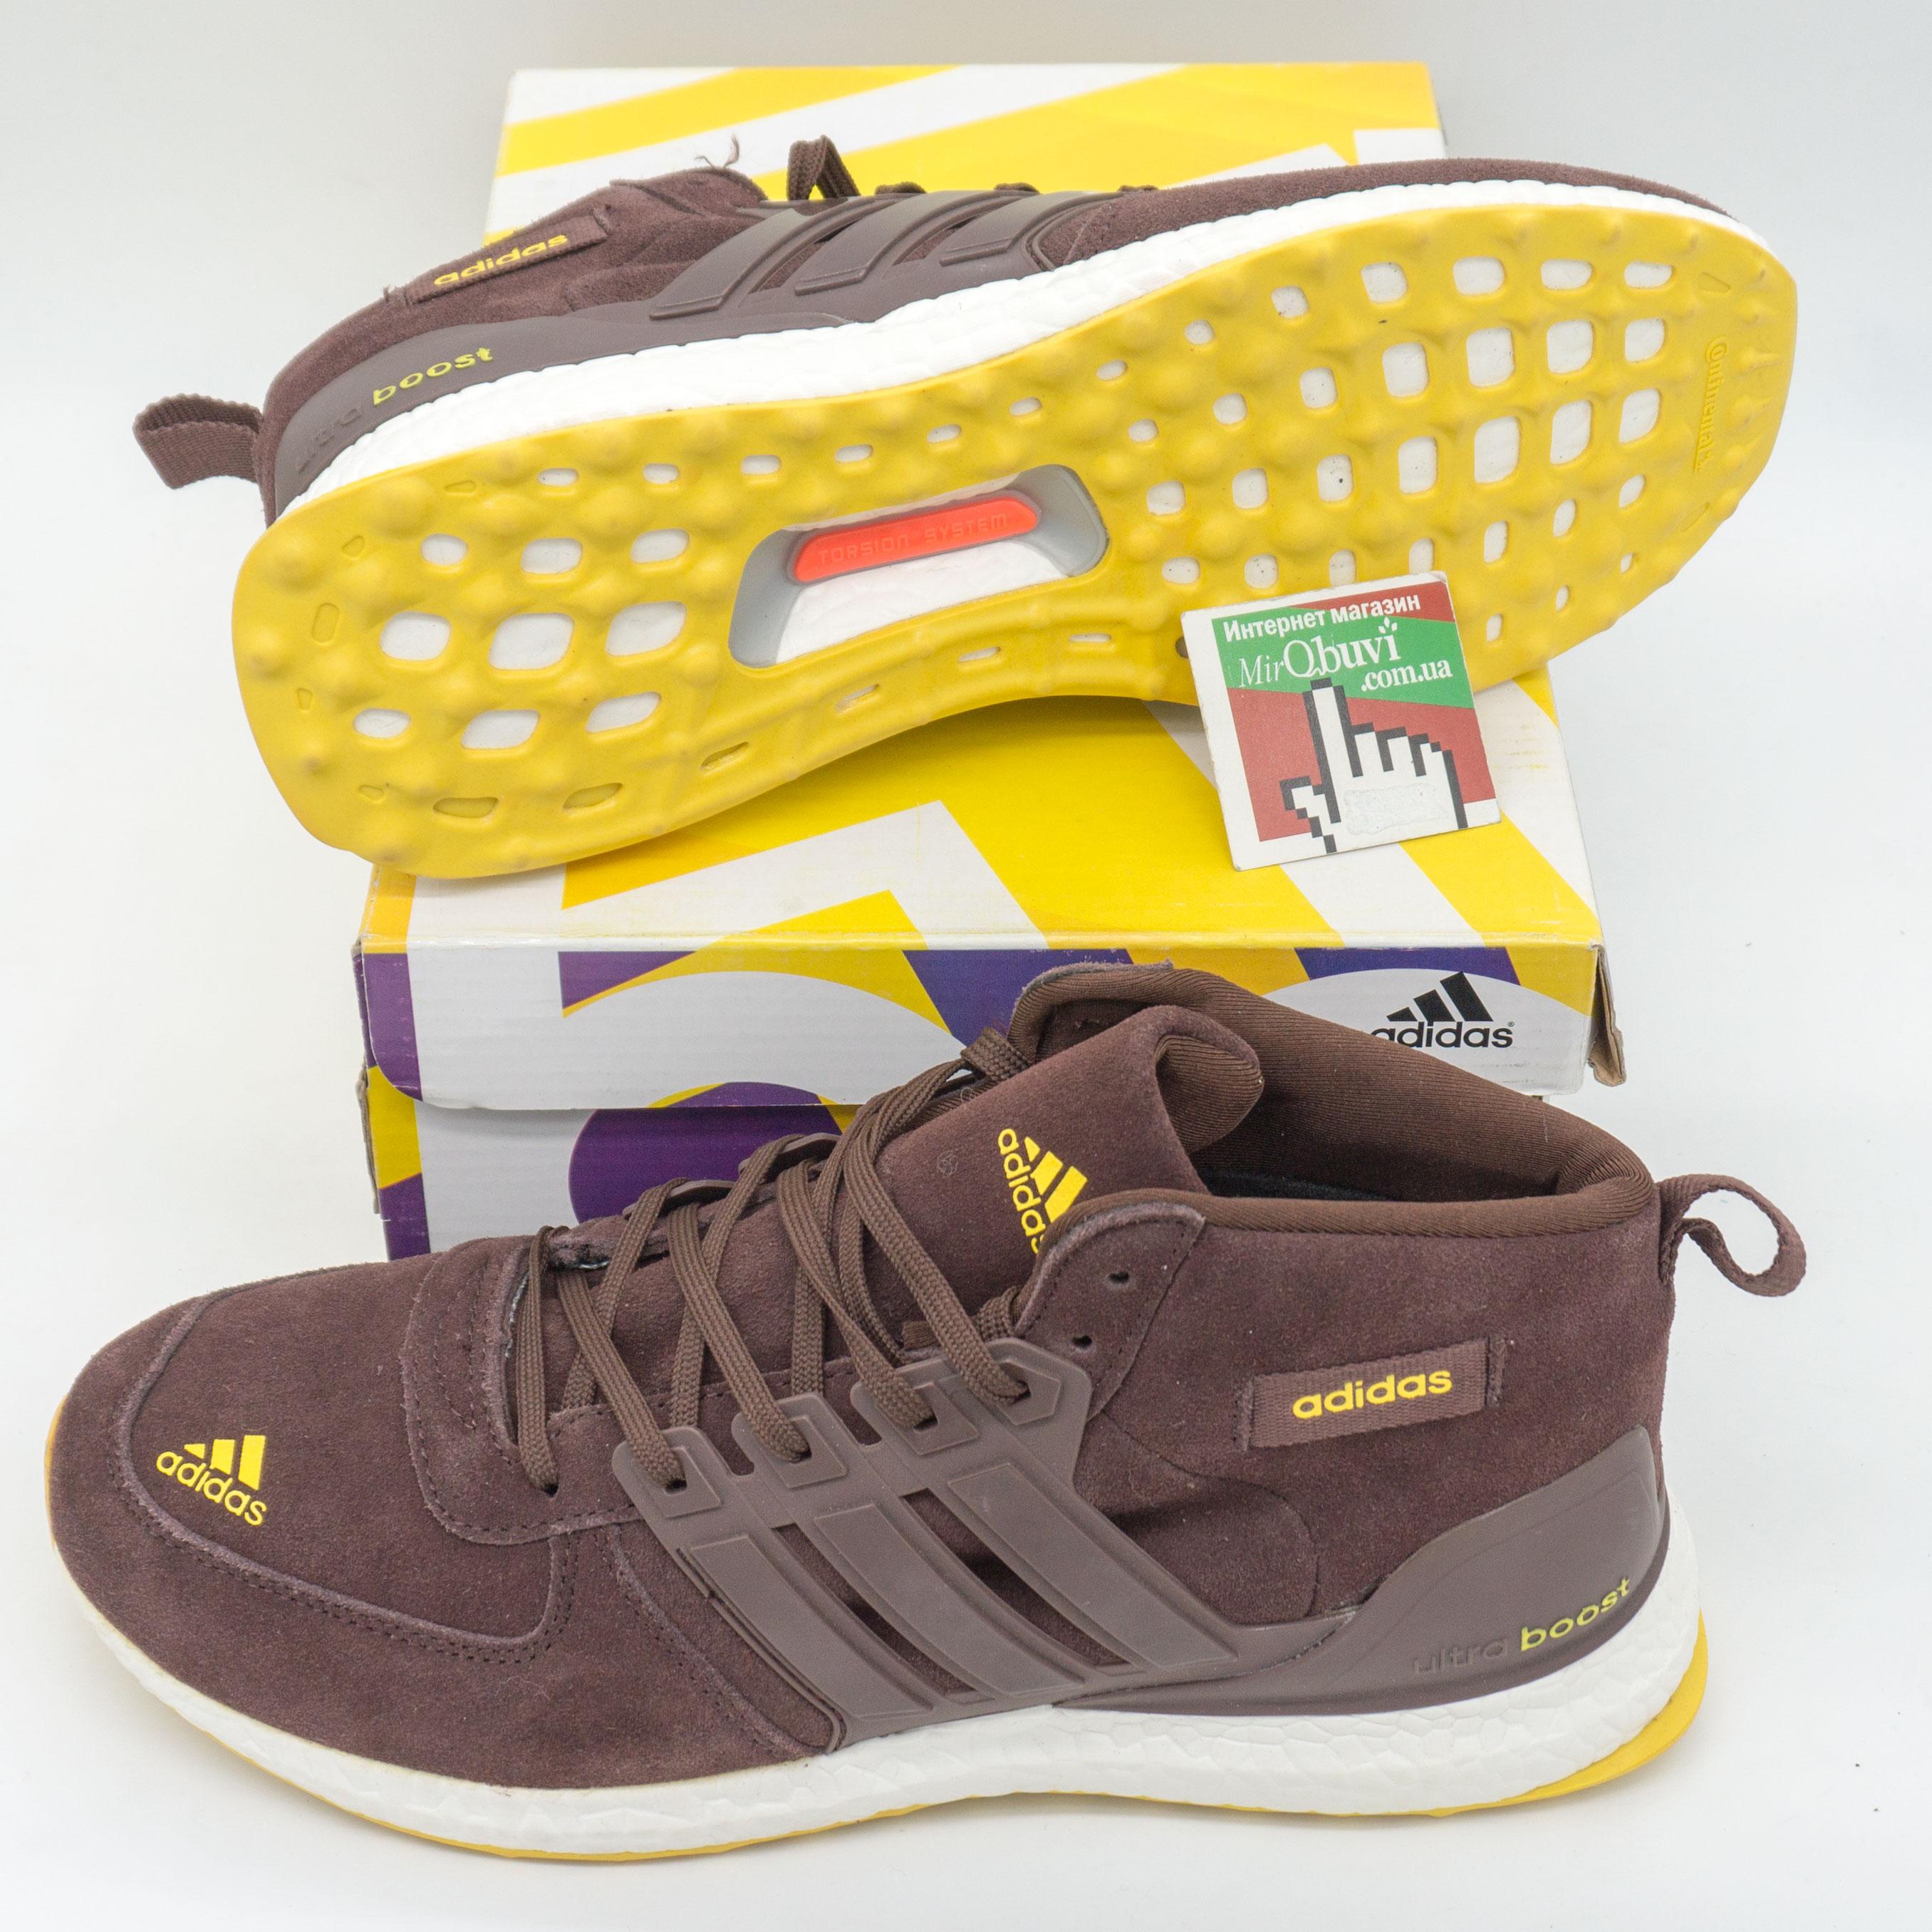 фото bottom Зимние кроссовки Adidas Ultra Boost коричневые. Топ качество bottom